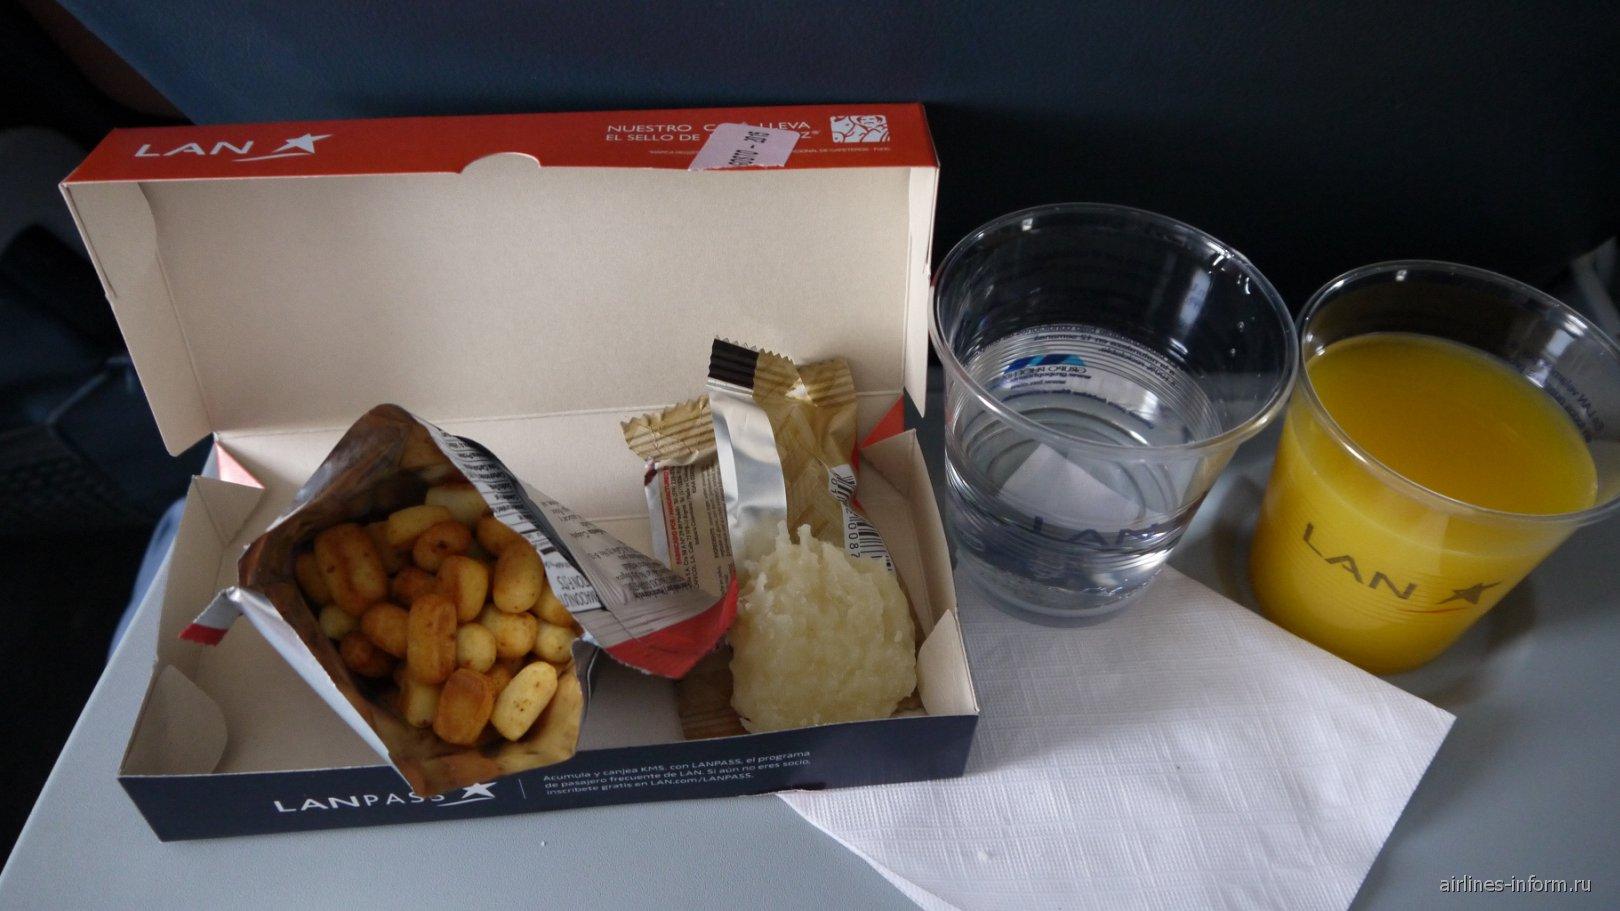 Питание не рейсе Картахена-Богота авиакомпании LAN